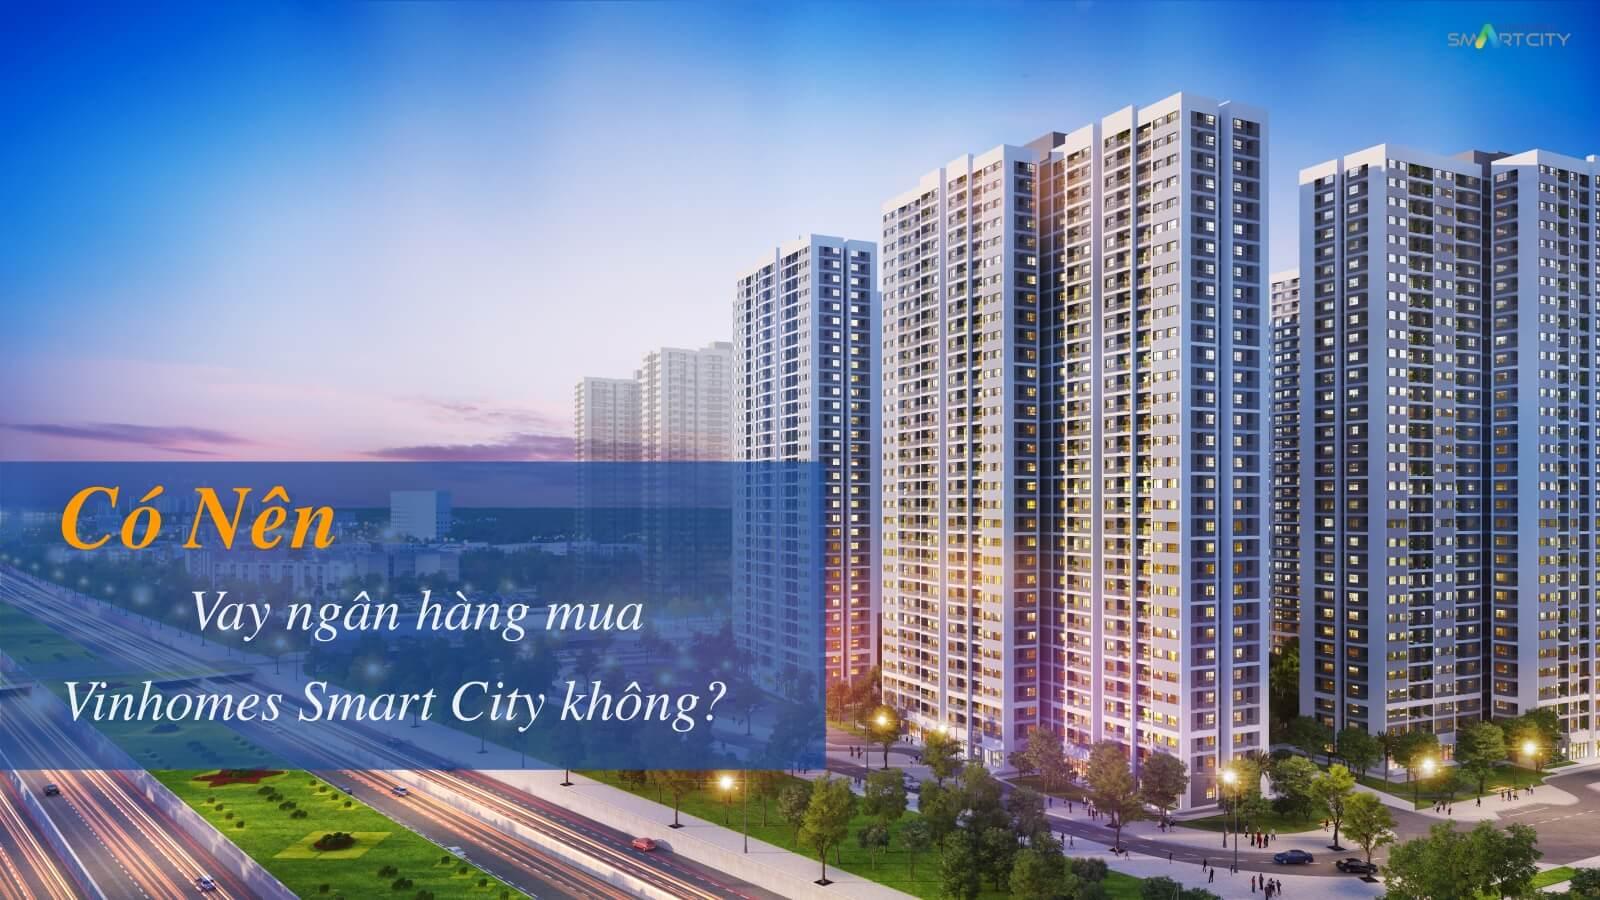 Có nên vay vốn mua căn hộ Vinhomes Smart City